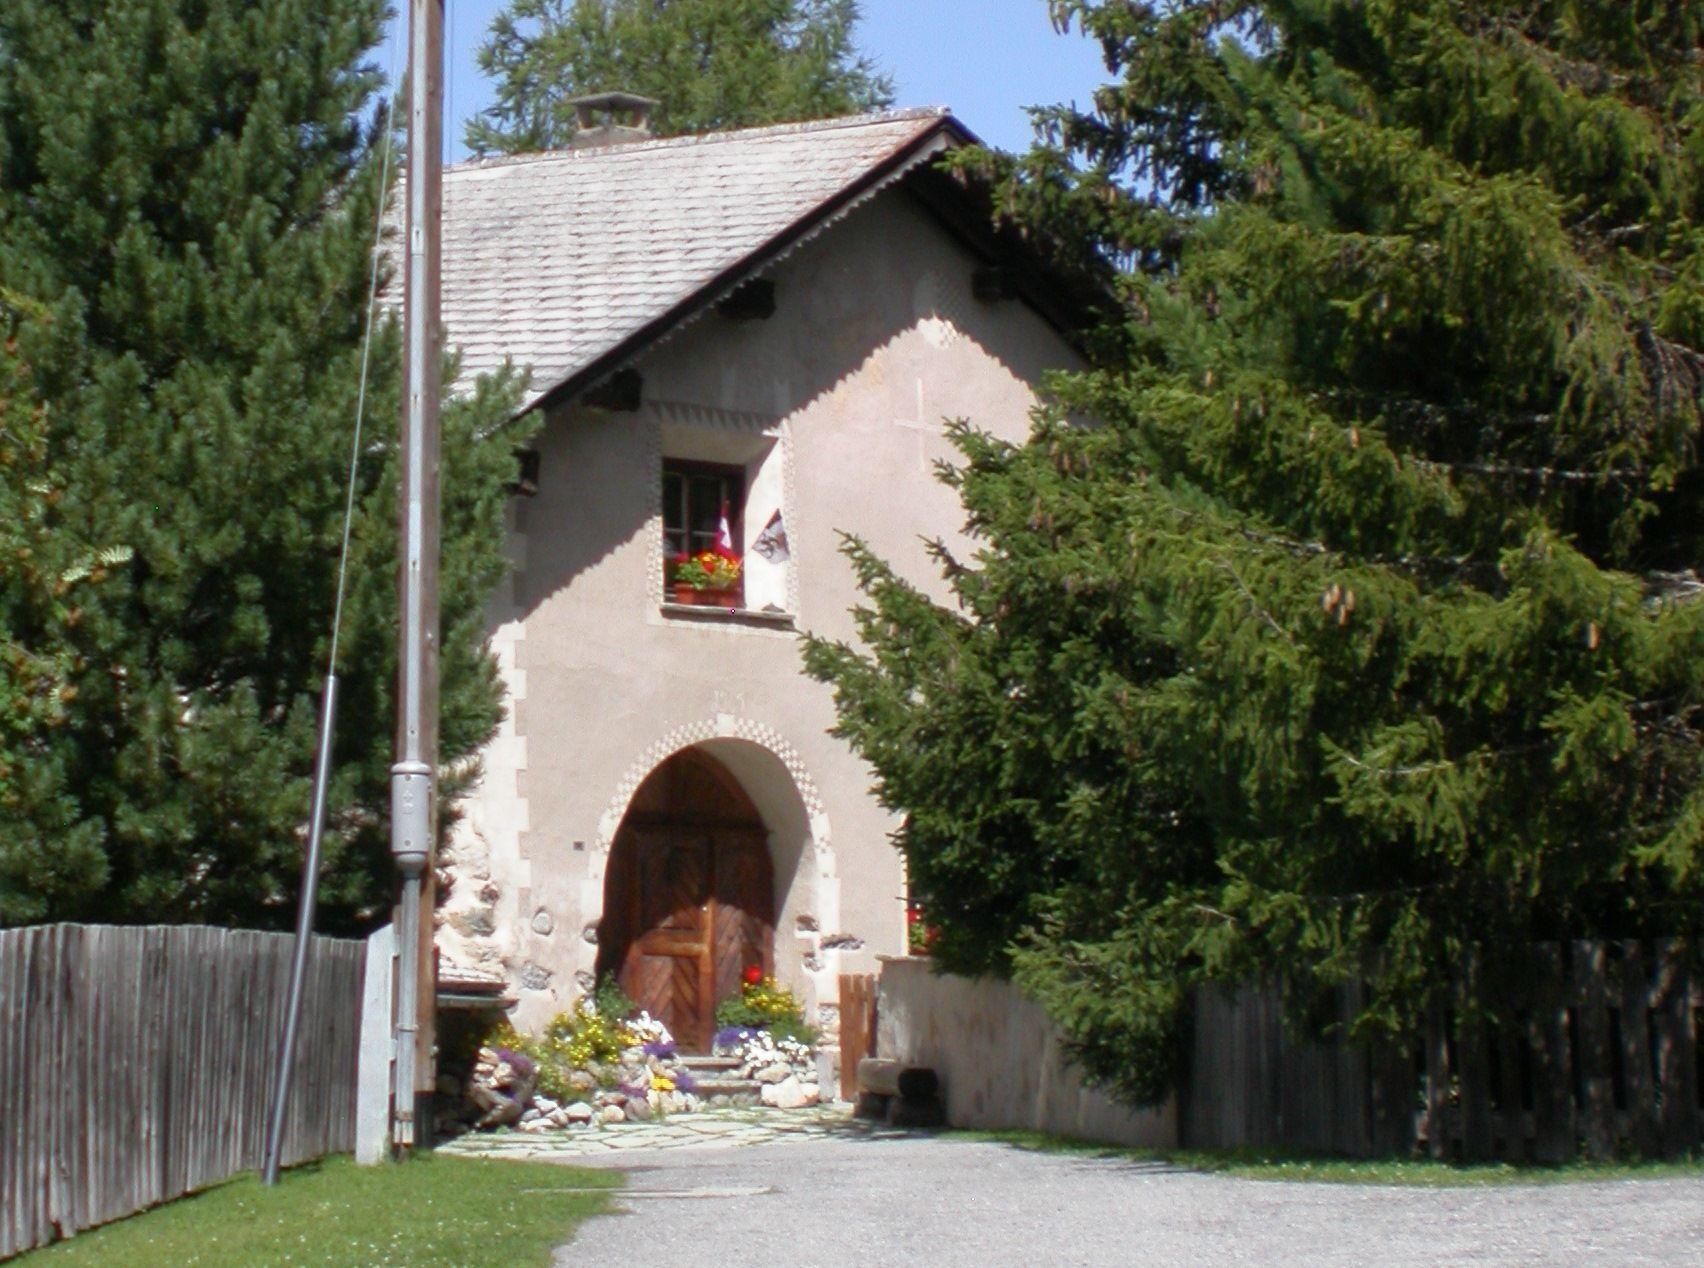 House Laudenbacher Slide 1